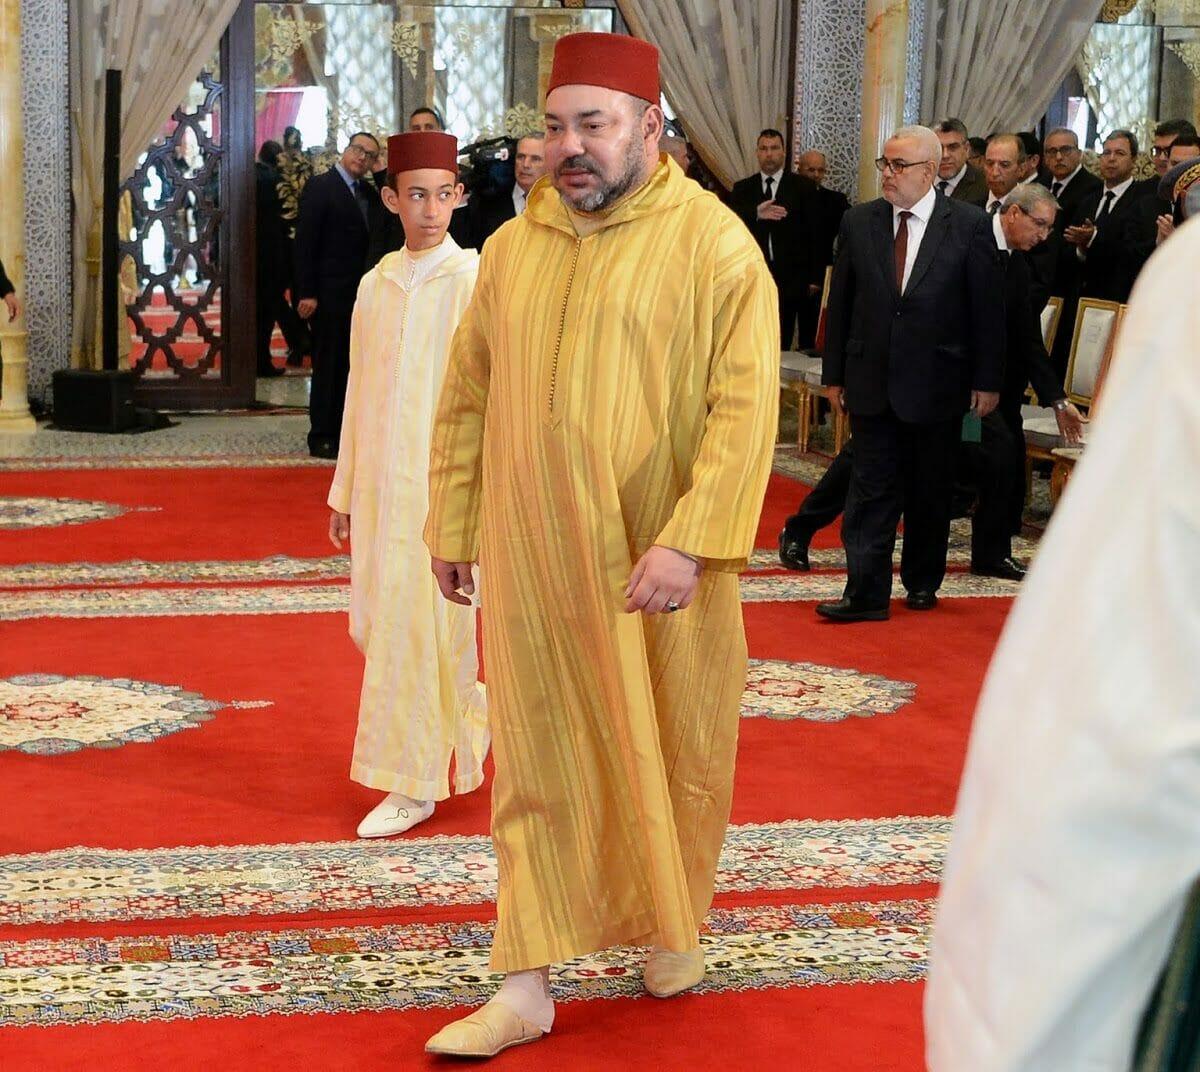 عودة علاقات المغرب مع دول الخليج وتحديداً السعودية والإمارات بعد تباعد سنوات